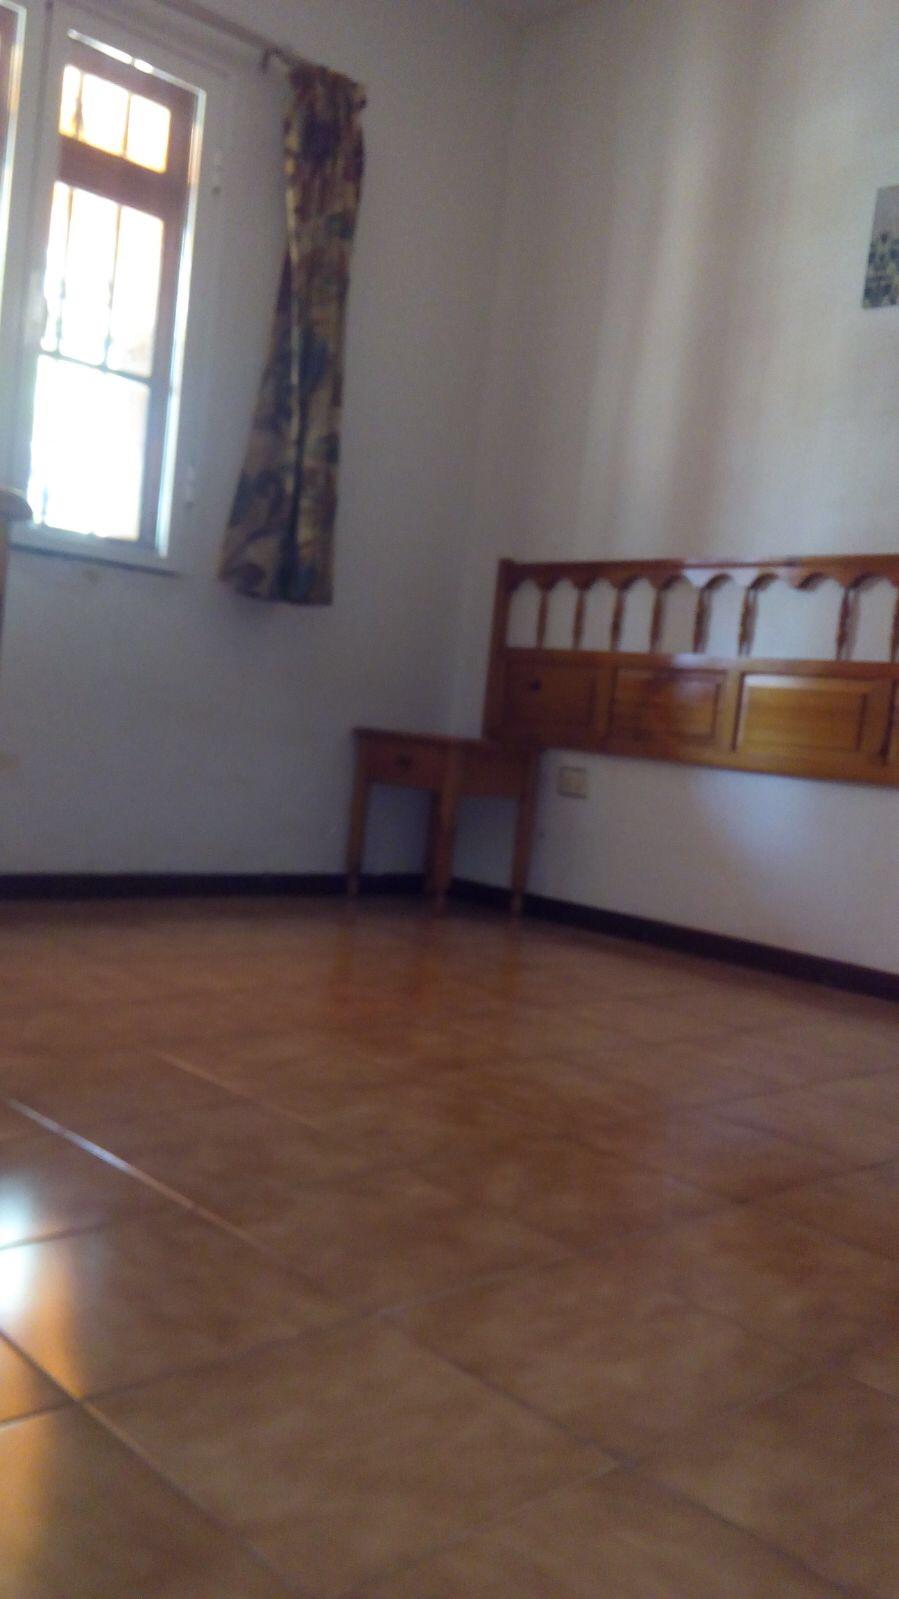 Appartement - Los cristinanos - LOS ALISIOS